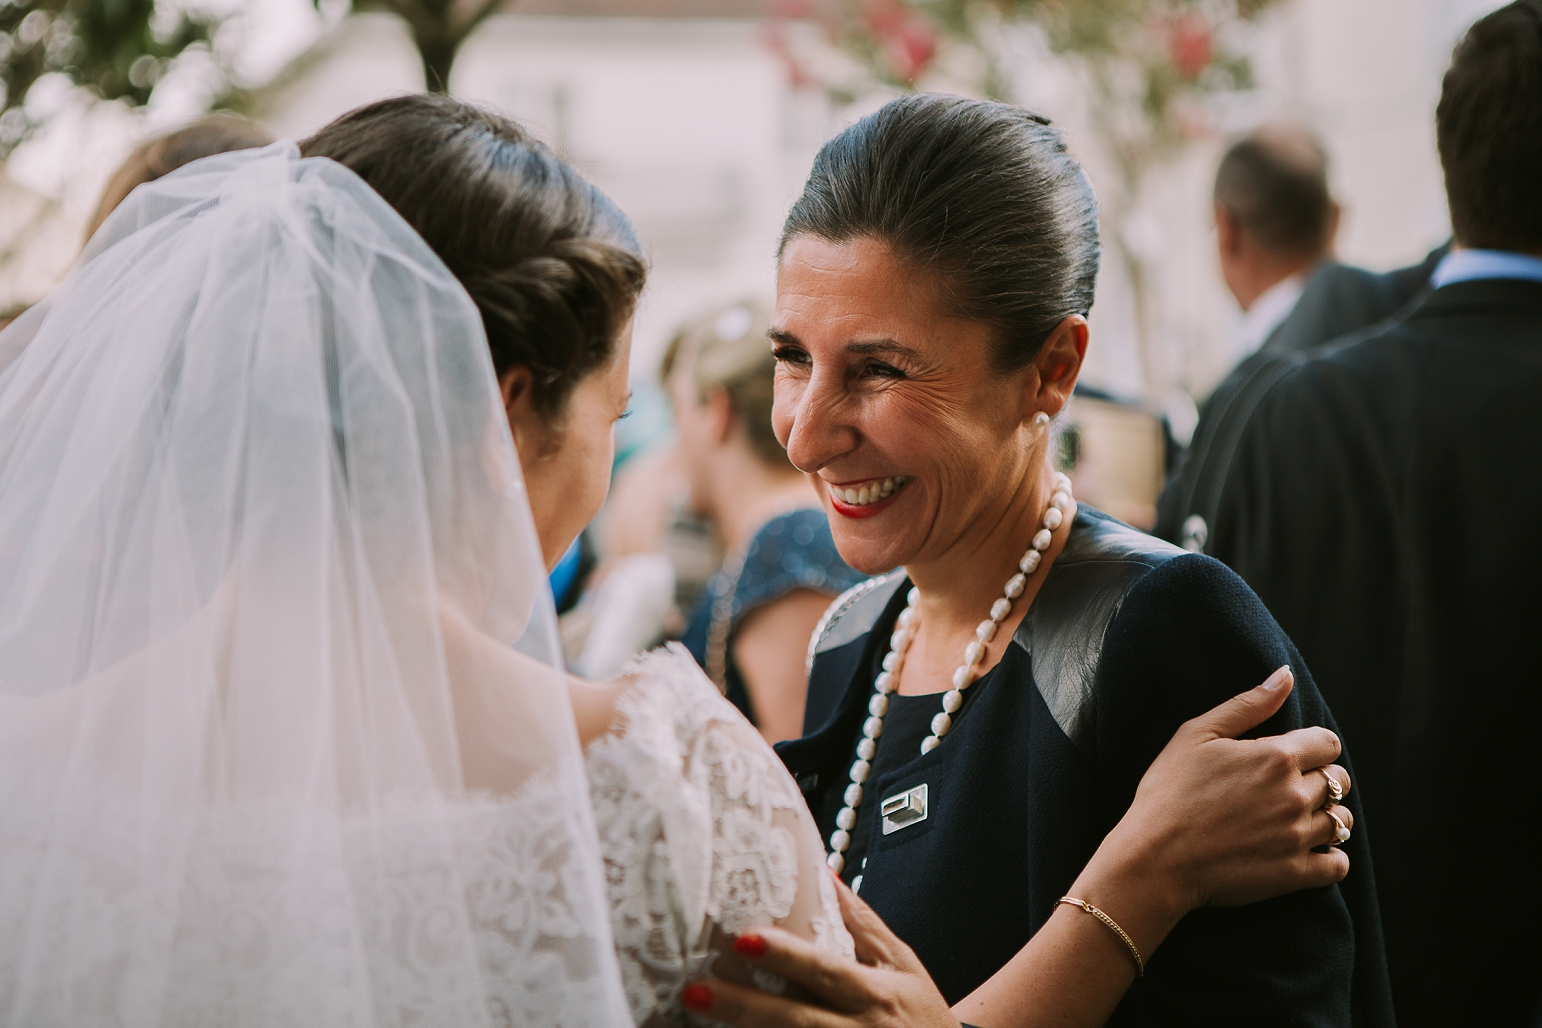 kateryna-photos-mariage-wedding-france-bretagne-pays-de-la-loire-chateau-de-la-colaissiere-st-sauveur-de-landemont_0047.jpg